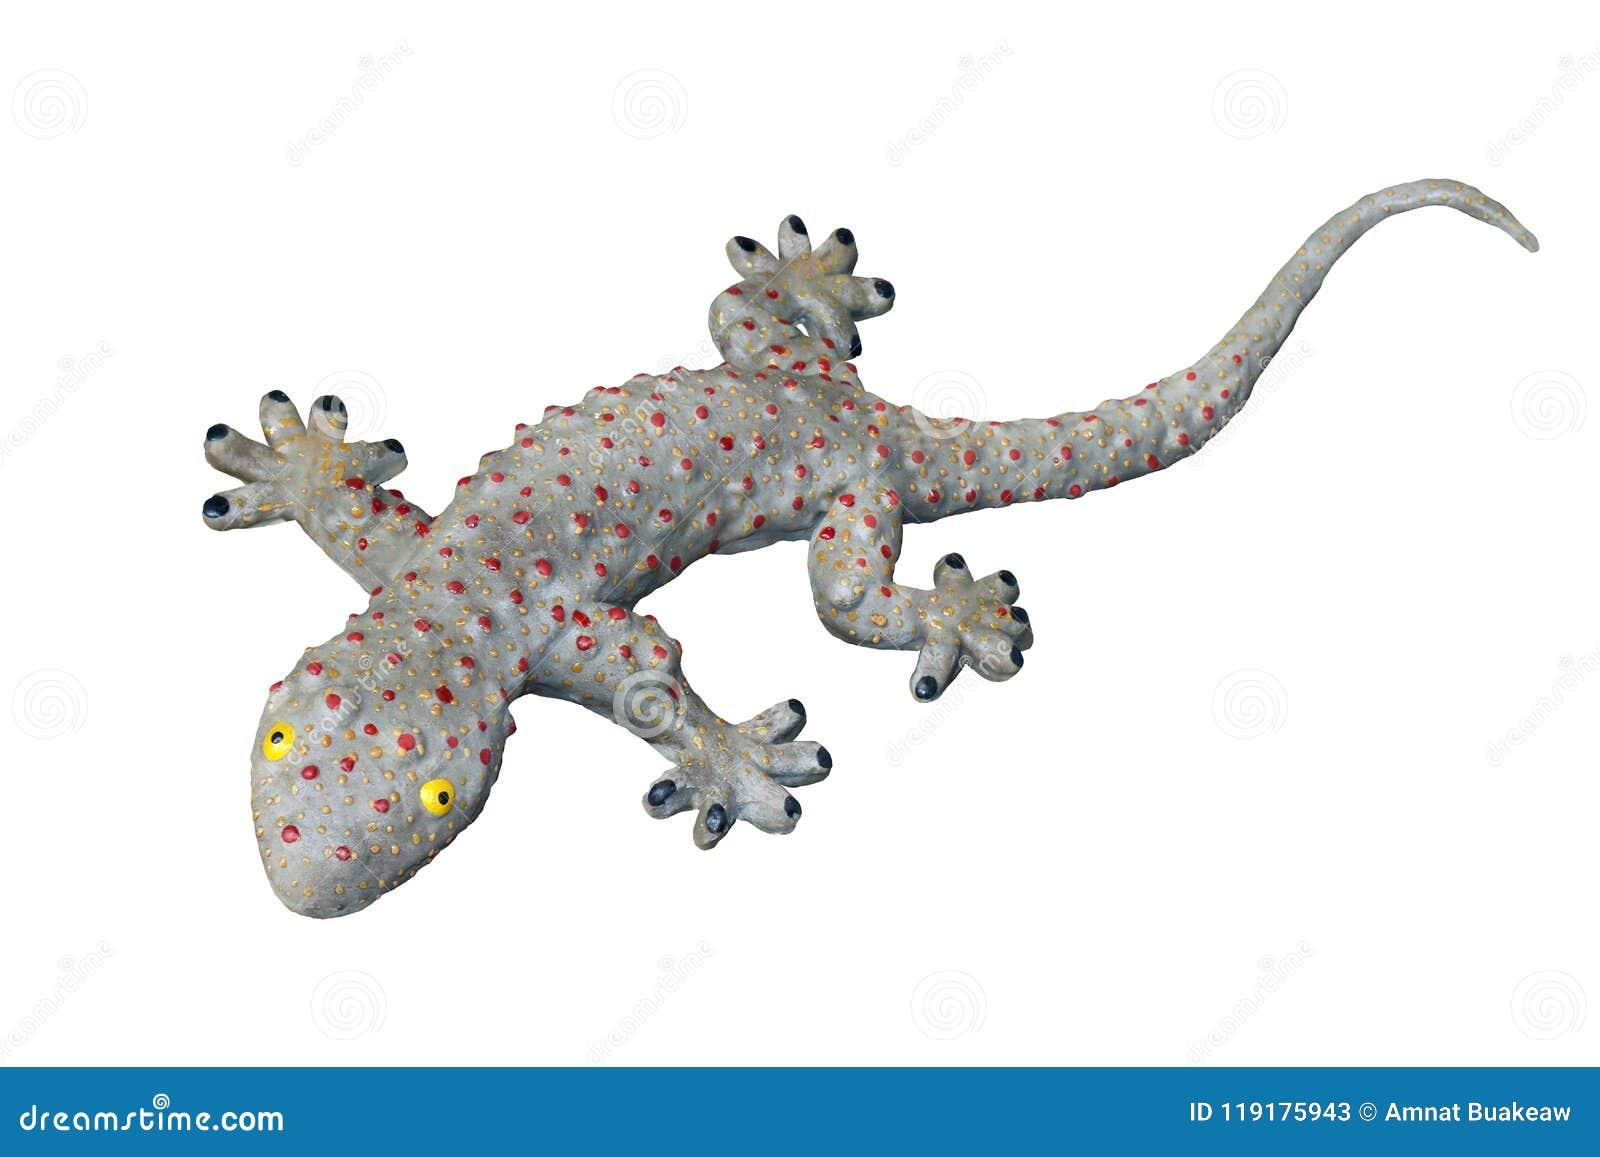 Игрушка гекконовых, большая внушительная ящерица гекконовых, гекконовые изолировала белую предпосылку